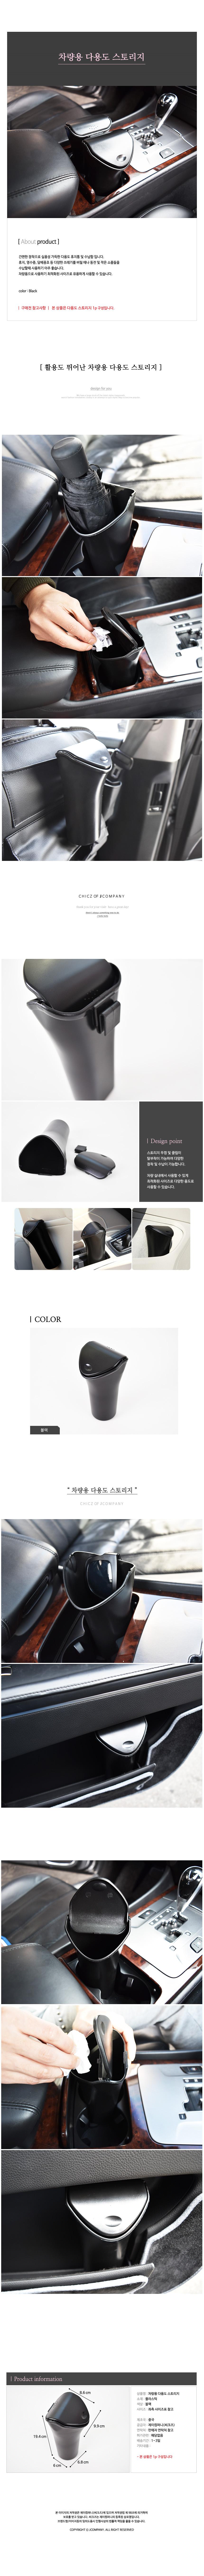 차량용 다용도 스토리지 - 제이컴퍼니, 4,720원, 차량용포켓/수납용품, 포켓/파우치